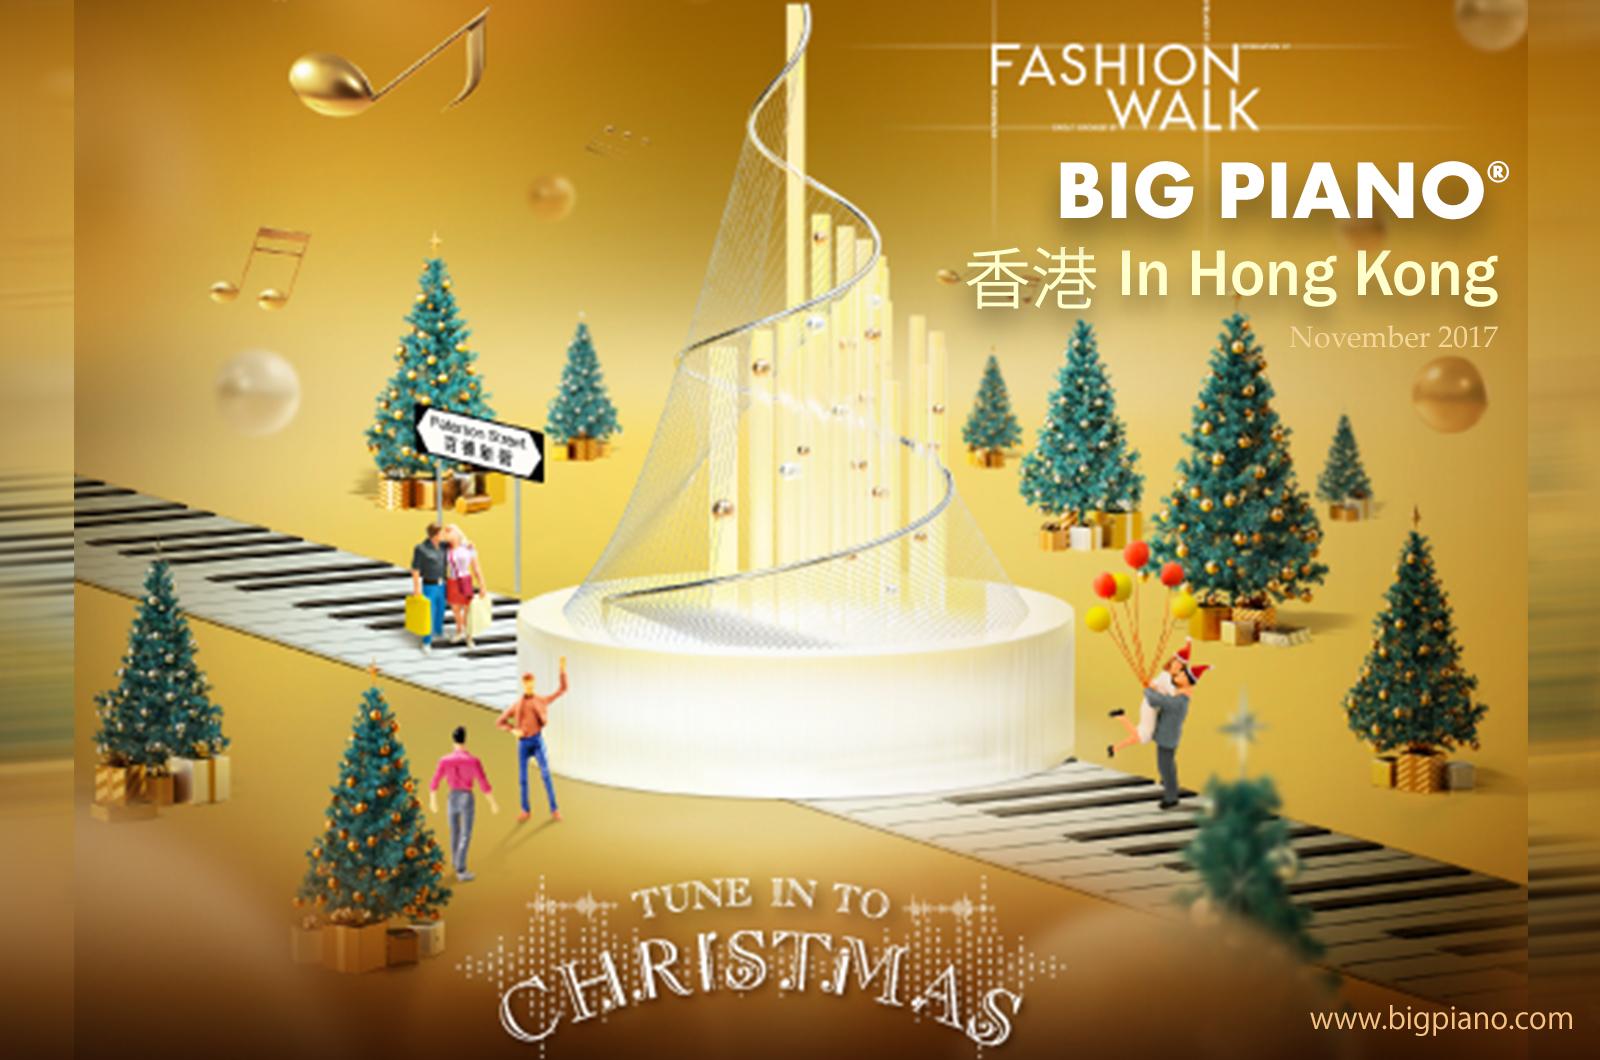 Big Piano on Fashion Walk_Hong Kong_Remo Saraceni2